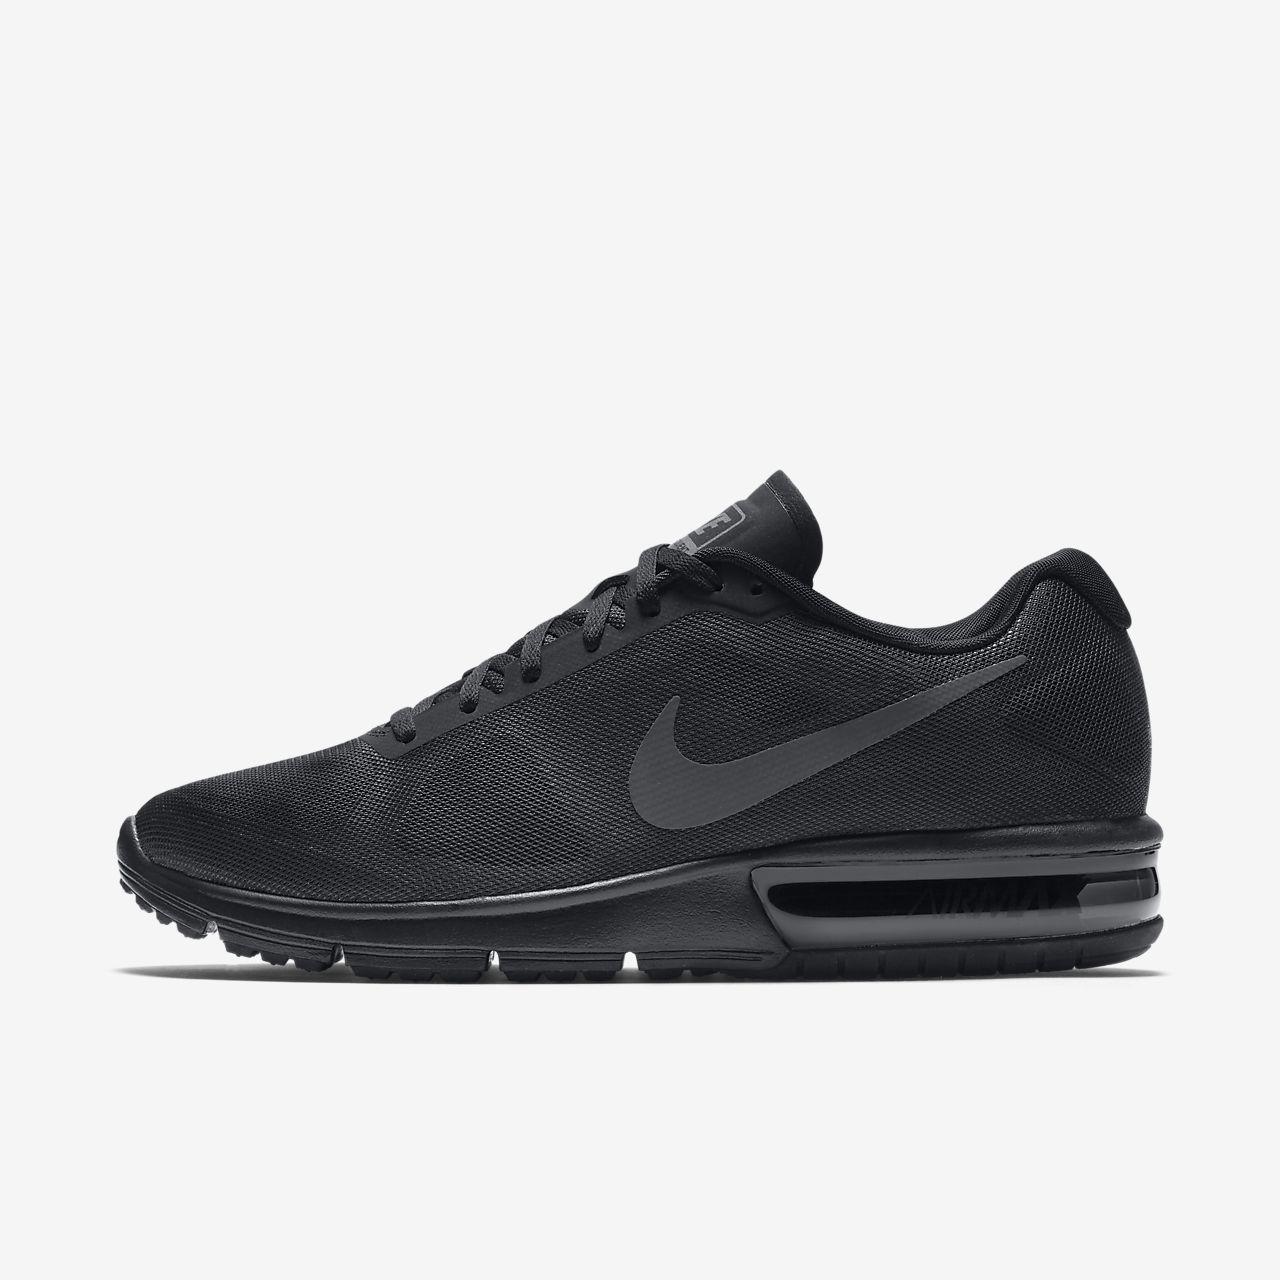 ... Nike Air Max Sequent Erkek Koşu Ayakkabısı